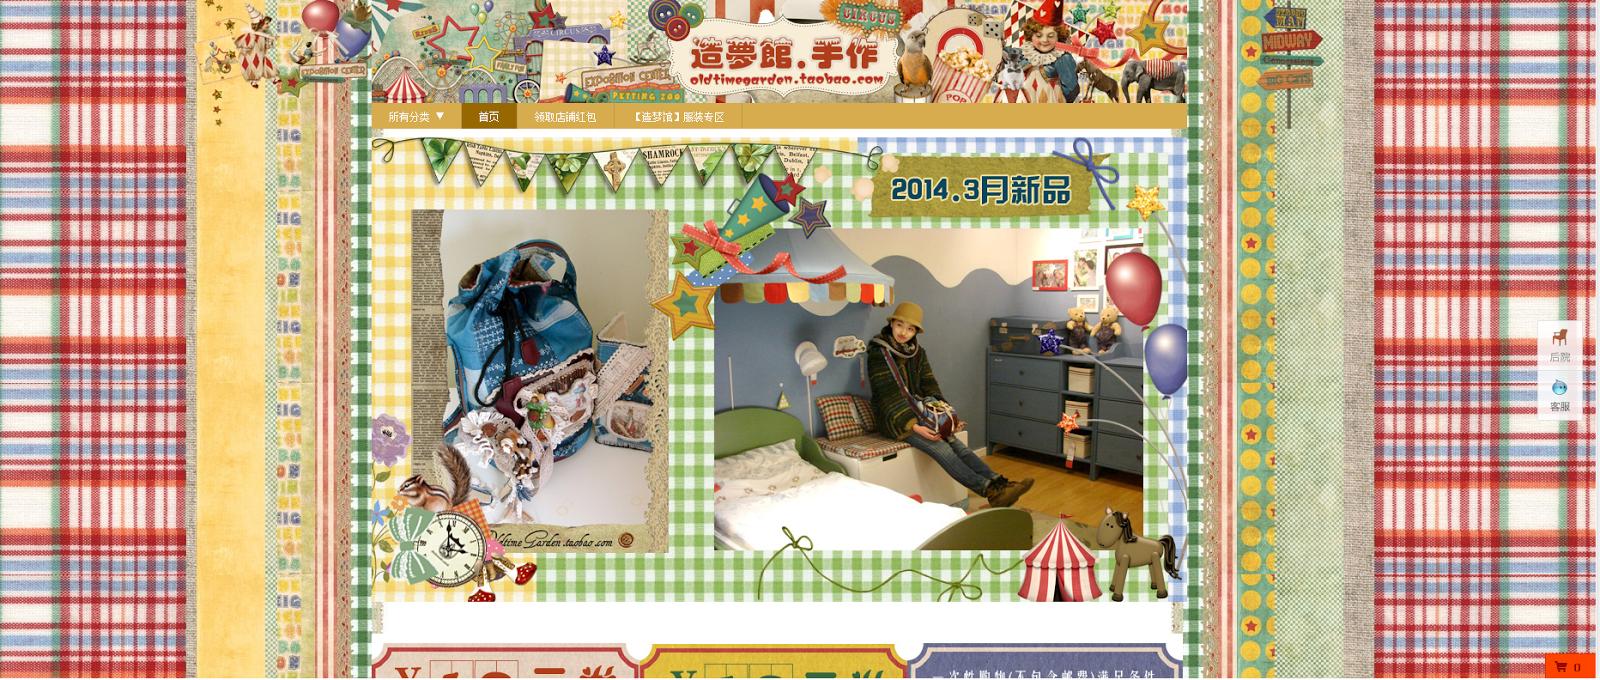 http://oldtimegarden.taobao.com